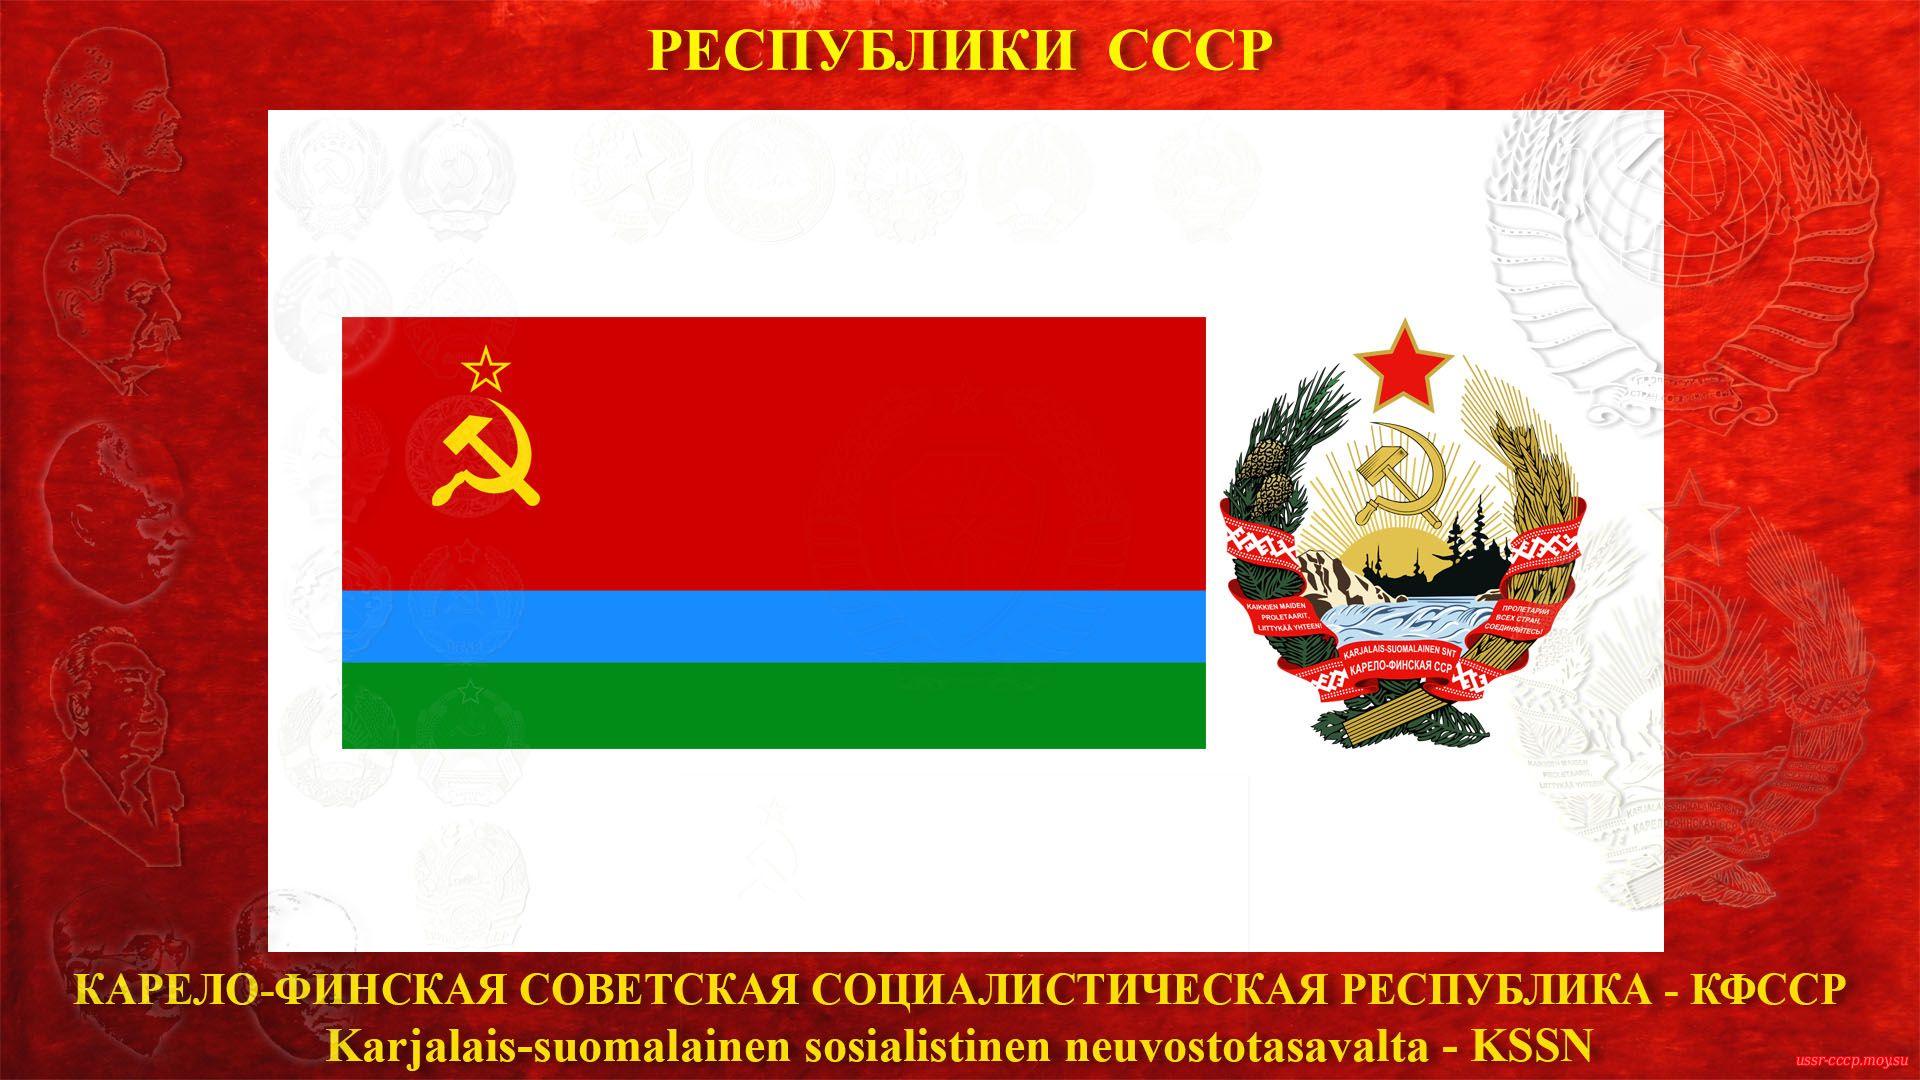 КФССР — Карело-Финская Советская Социалистическая Республика (31.03.1940 — 16.07.1956)